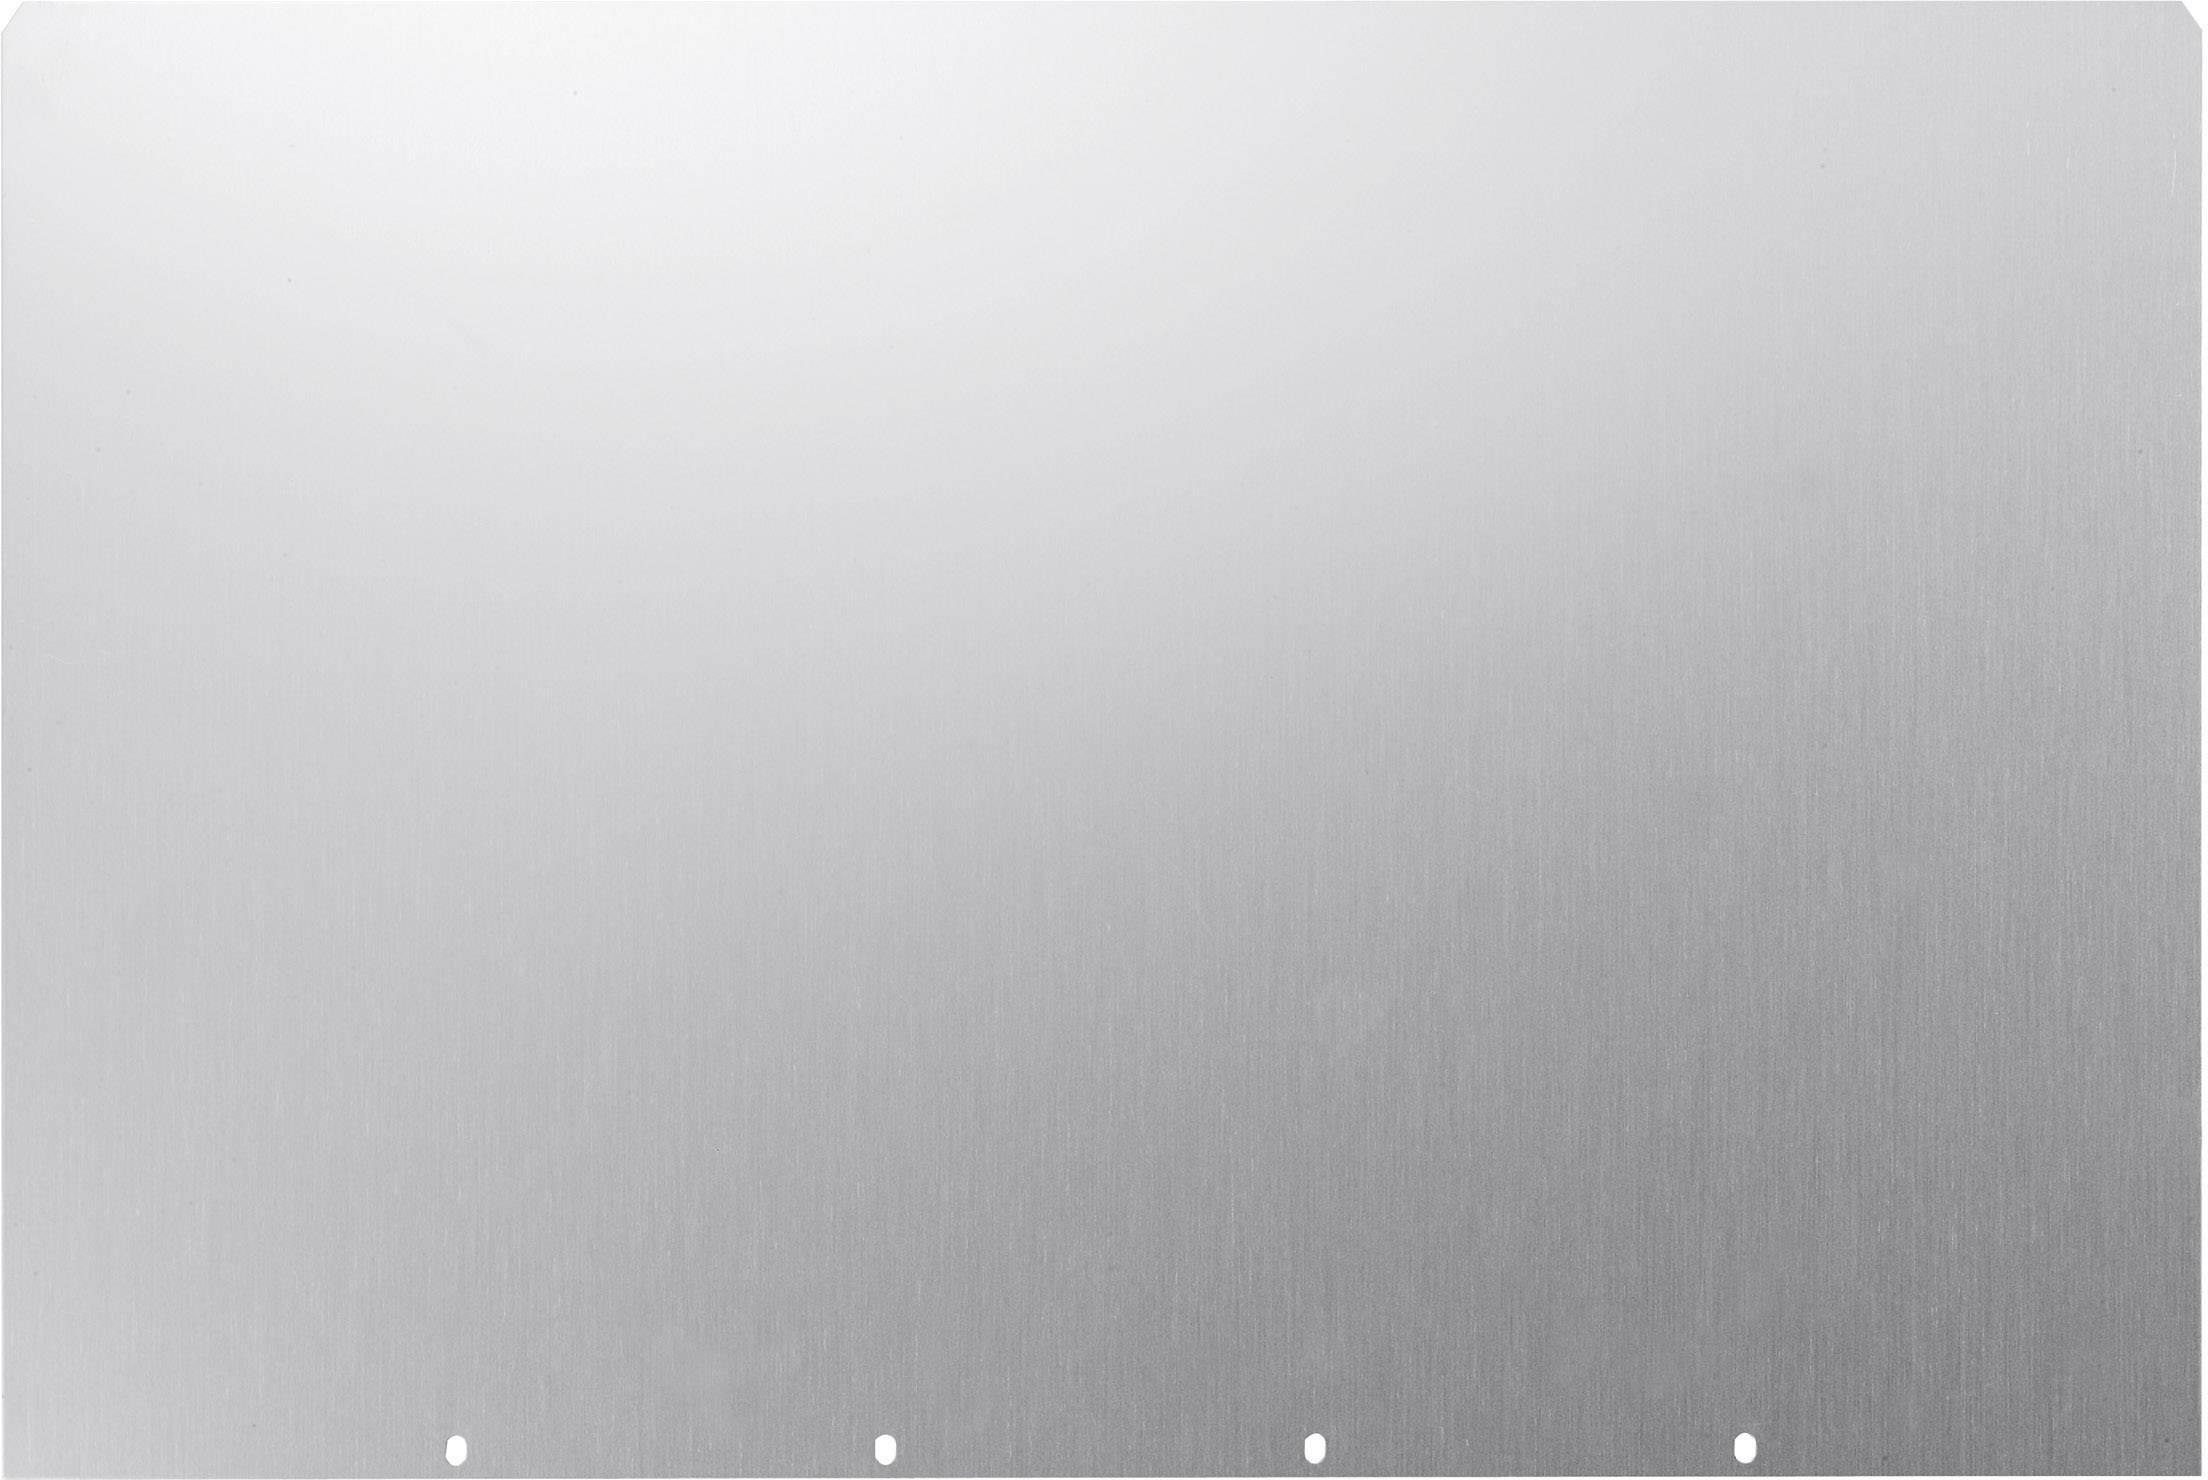 Krycí plech Schroff;multipacPRO 30860-503, (š x v x h) 412 x 1 x 340 mm, 1 ks